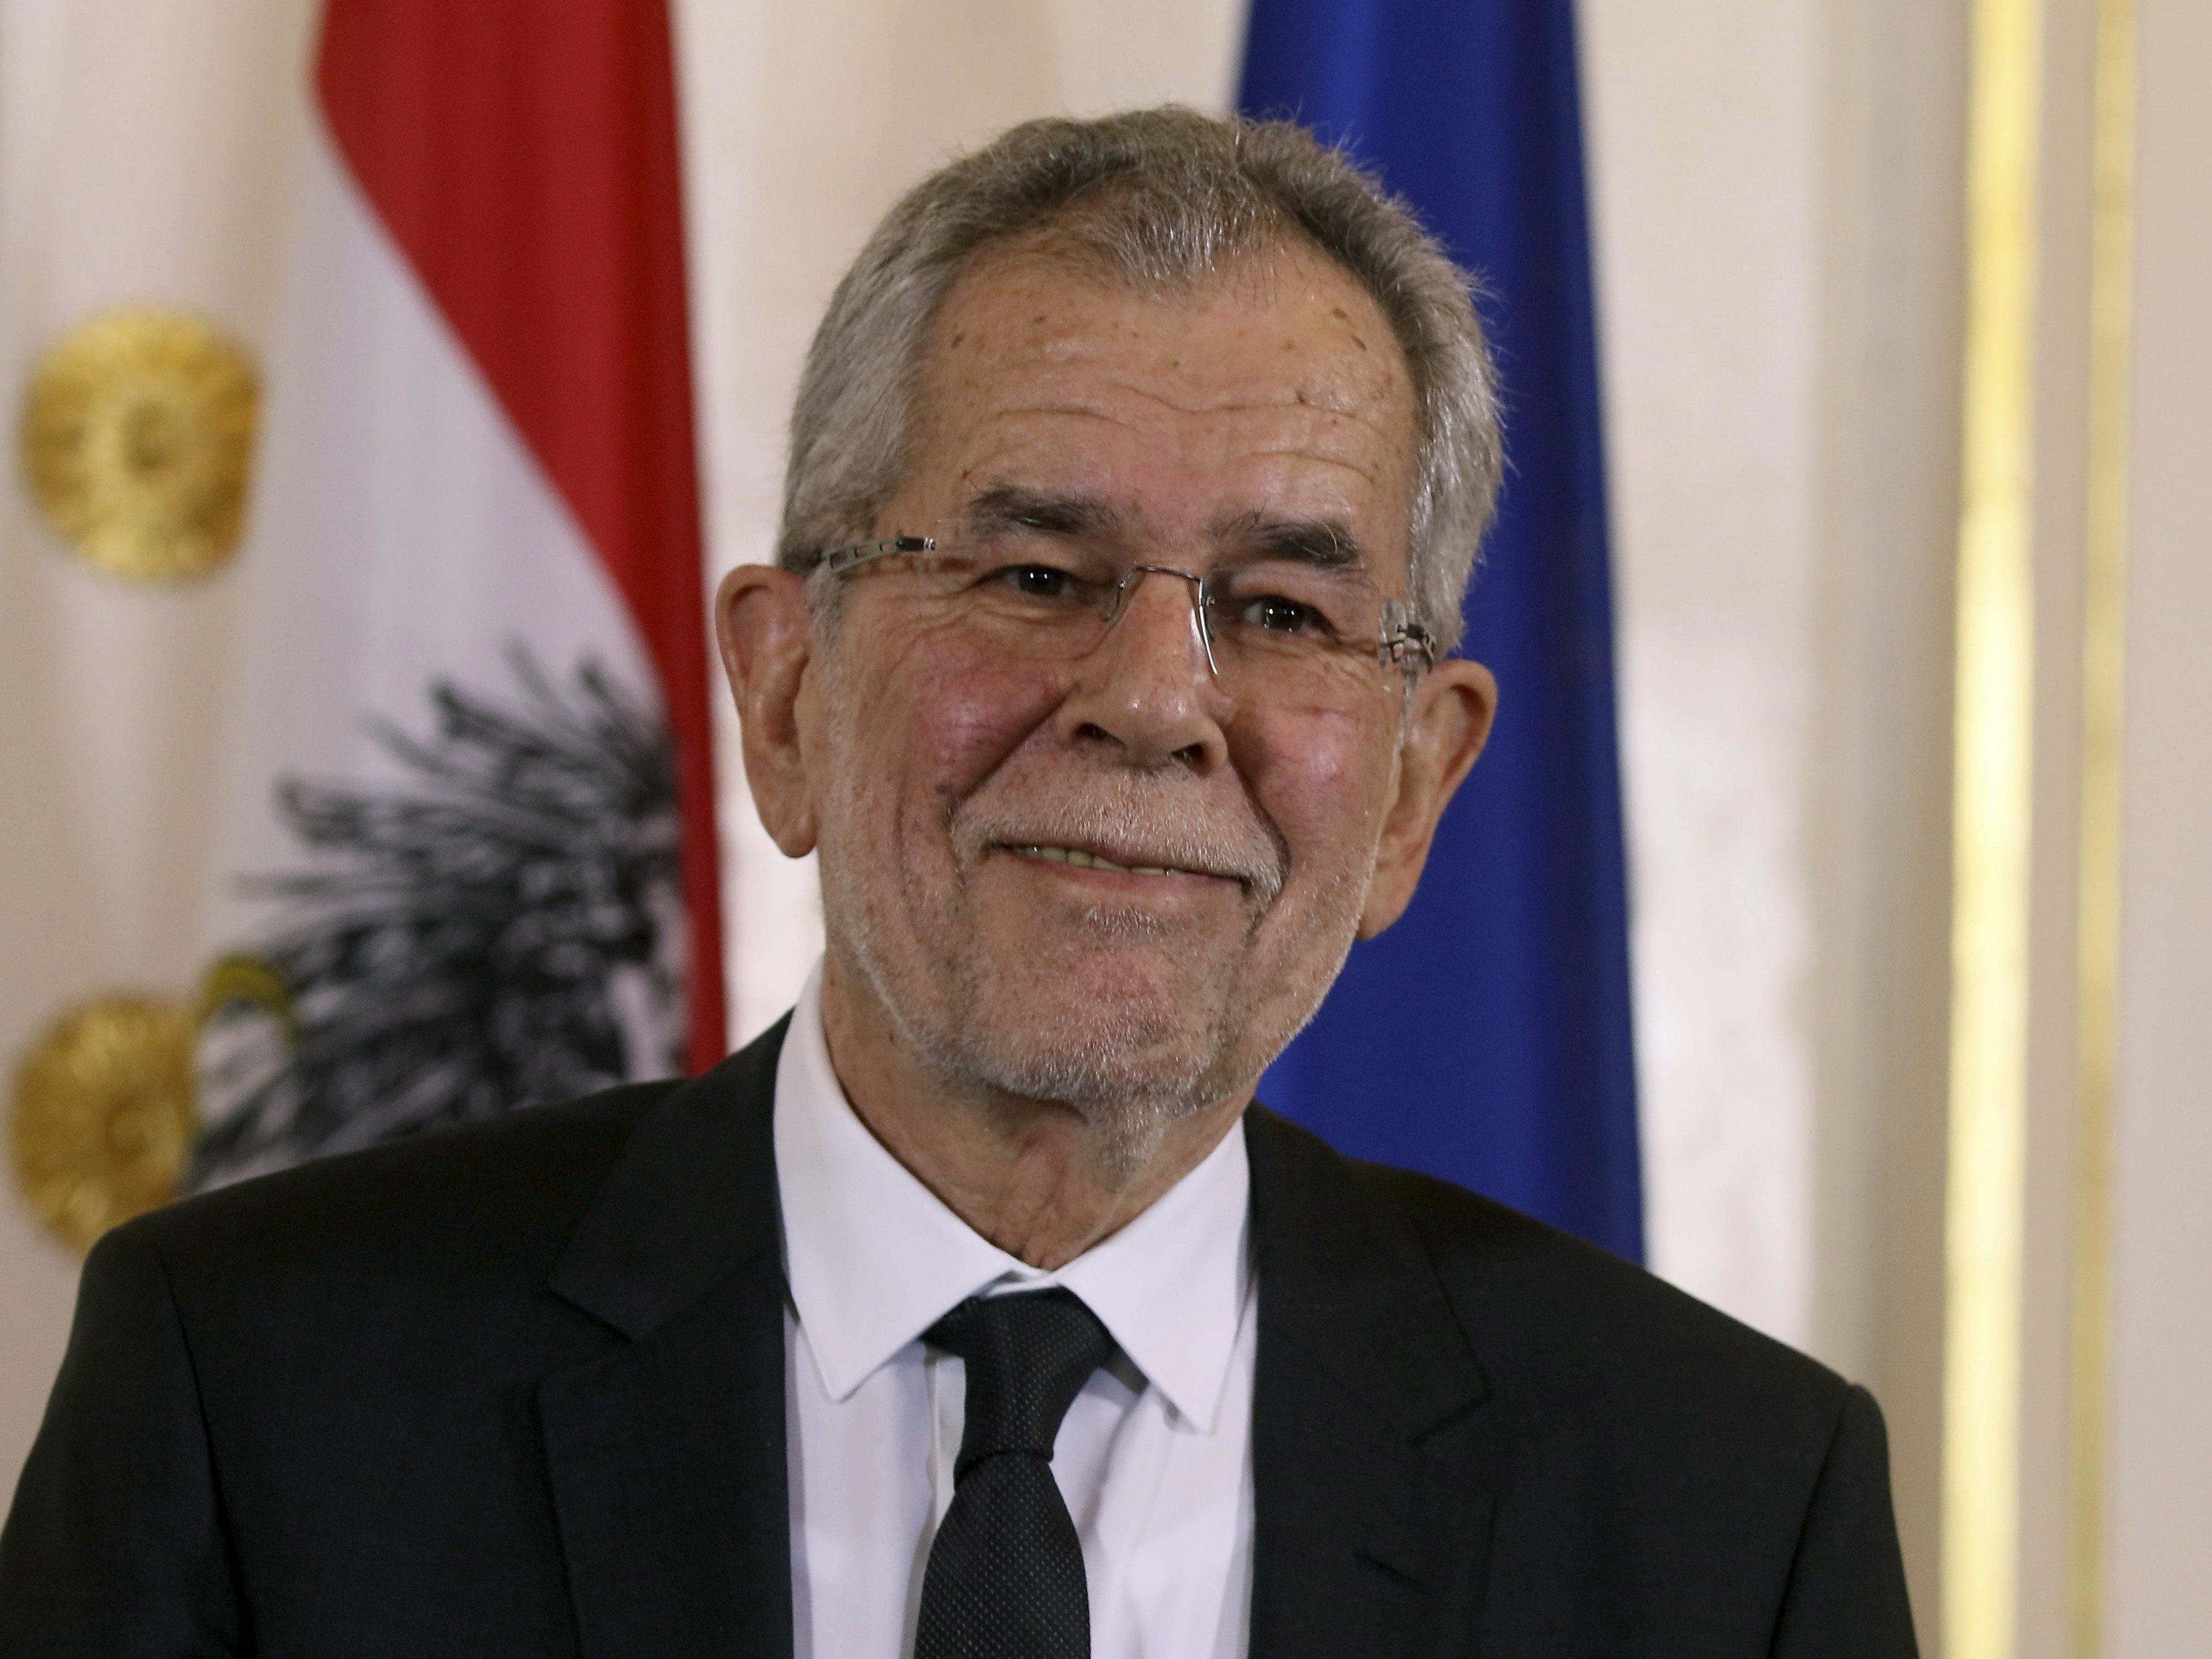 Am Donnerstag wird Alexander Van der Bellen als neuer Bundespräsident angelobt.